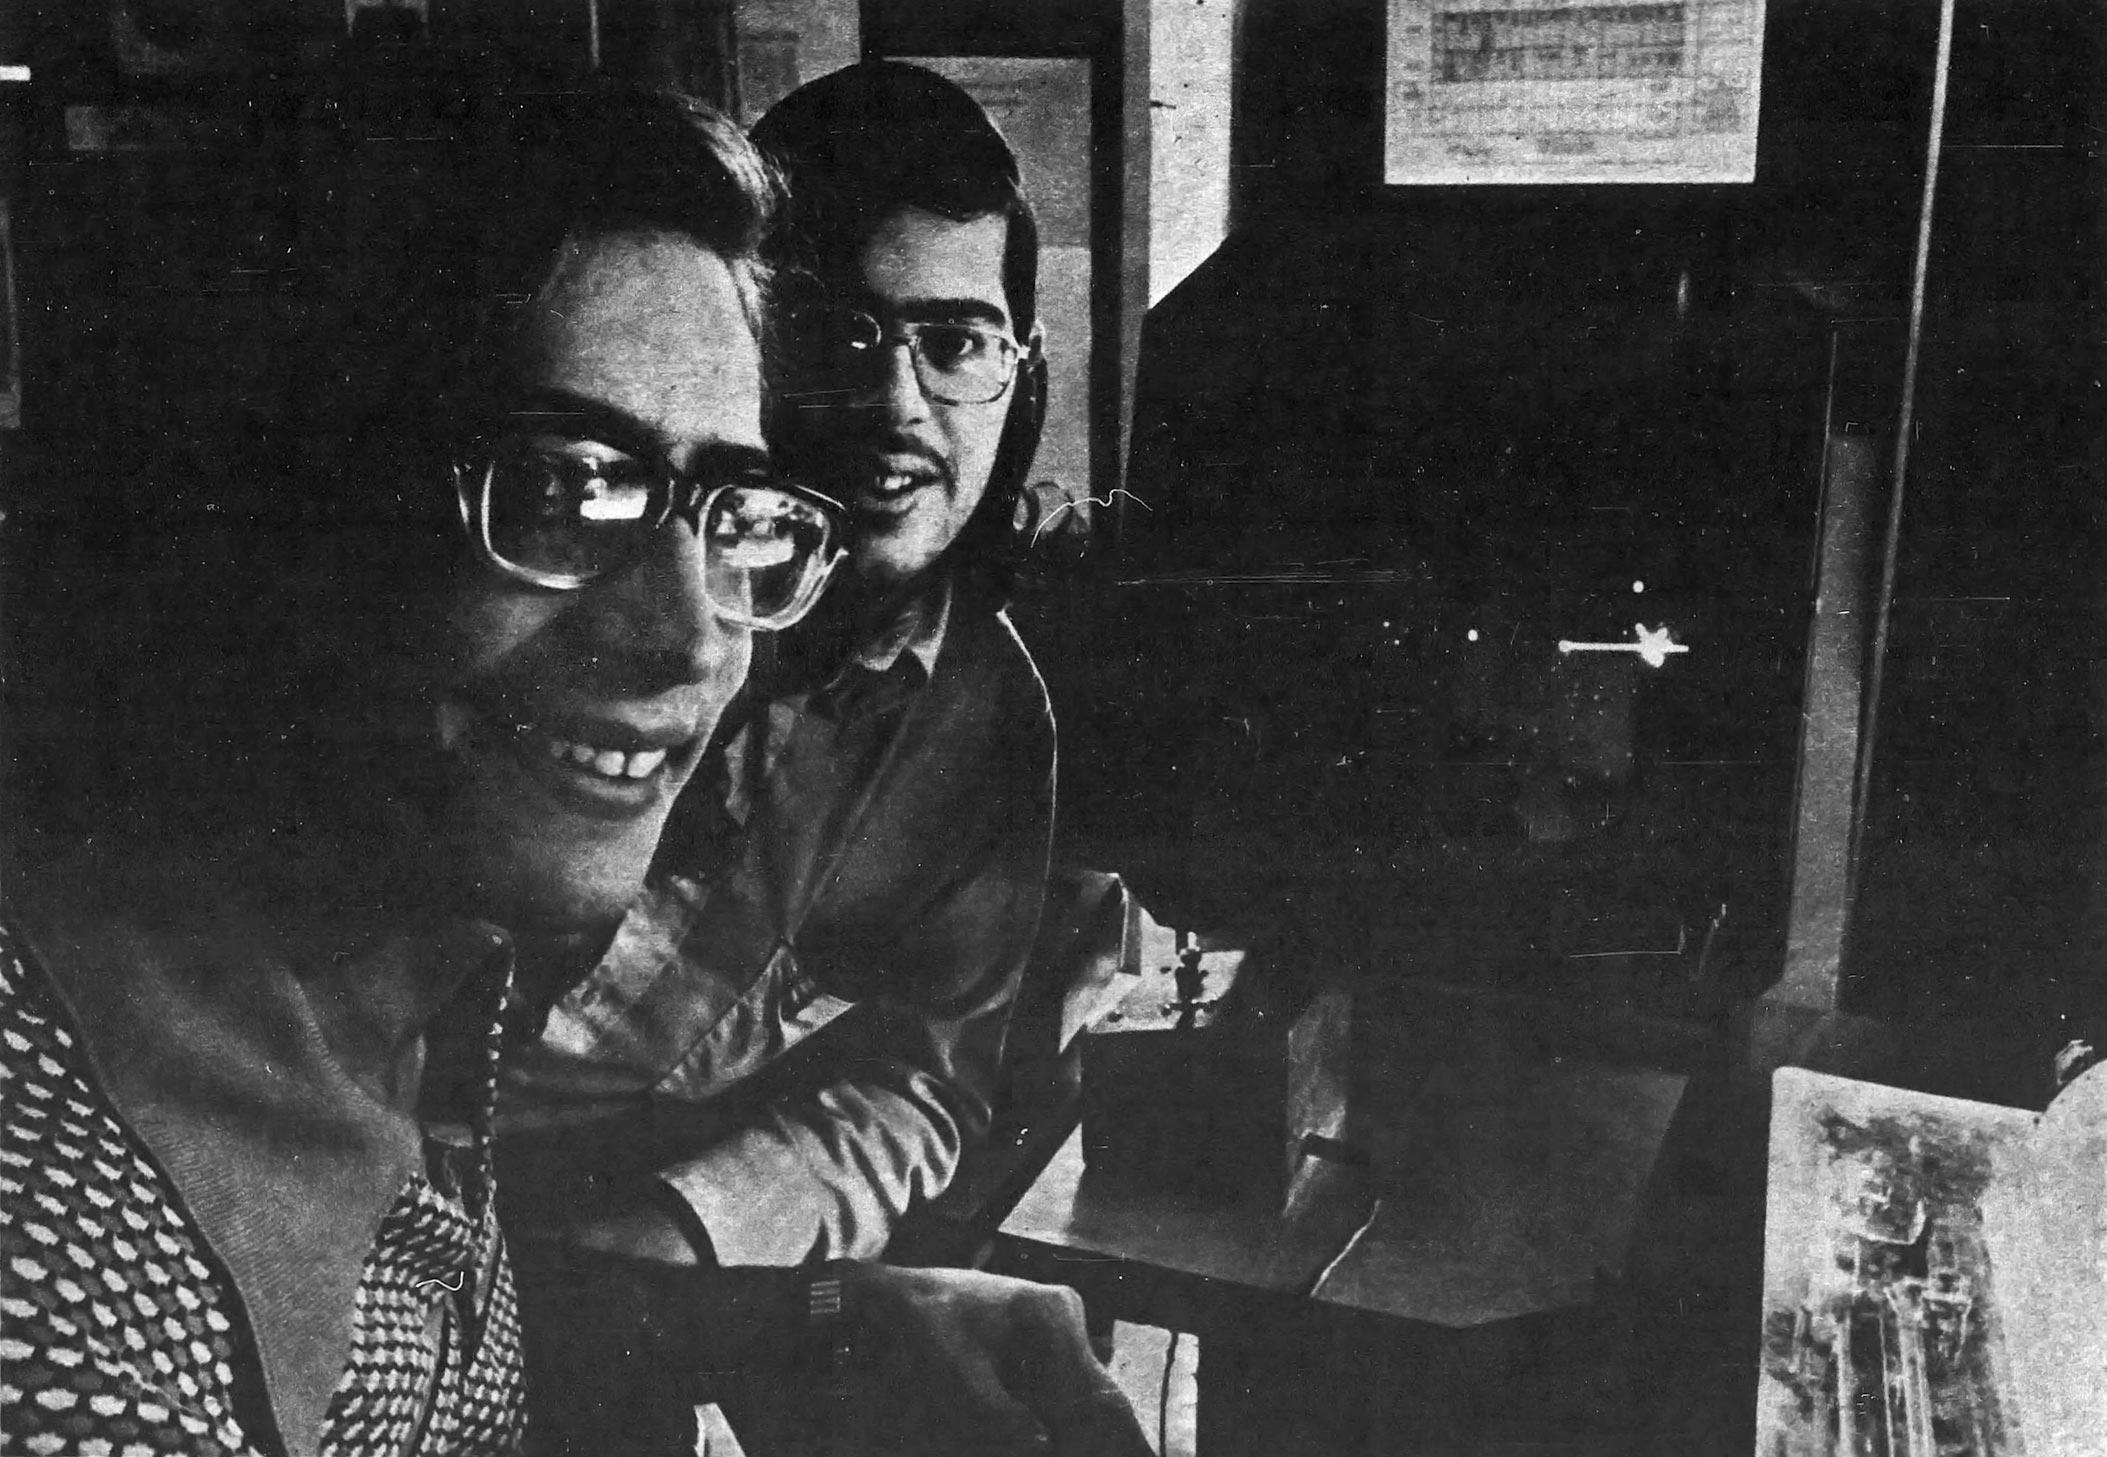 Spacewar players Ken Harrenstein and Gary Palter, 1974